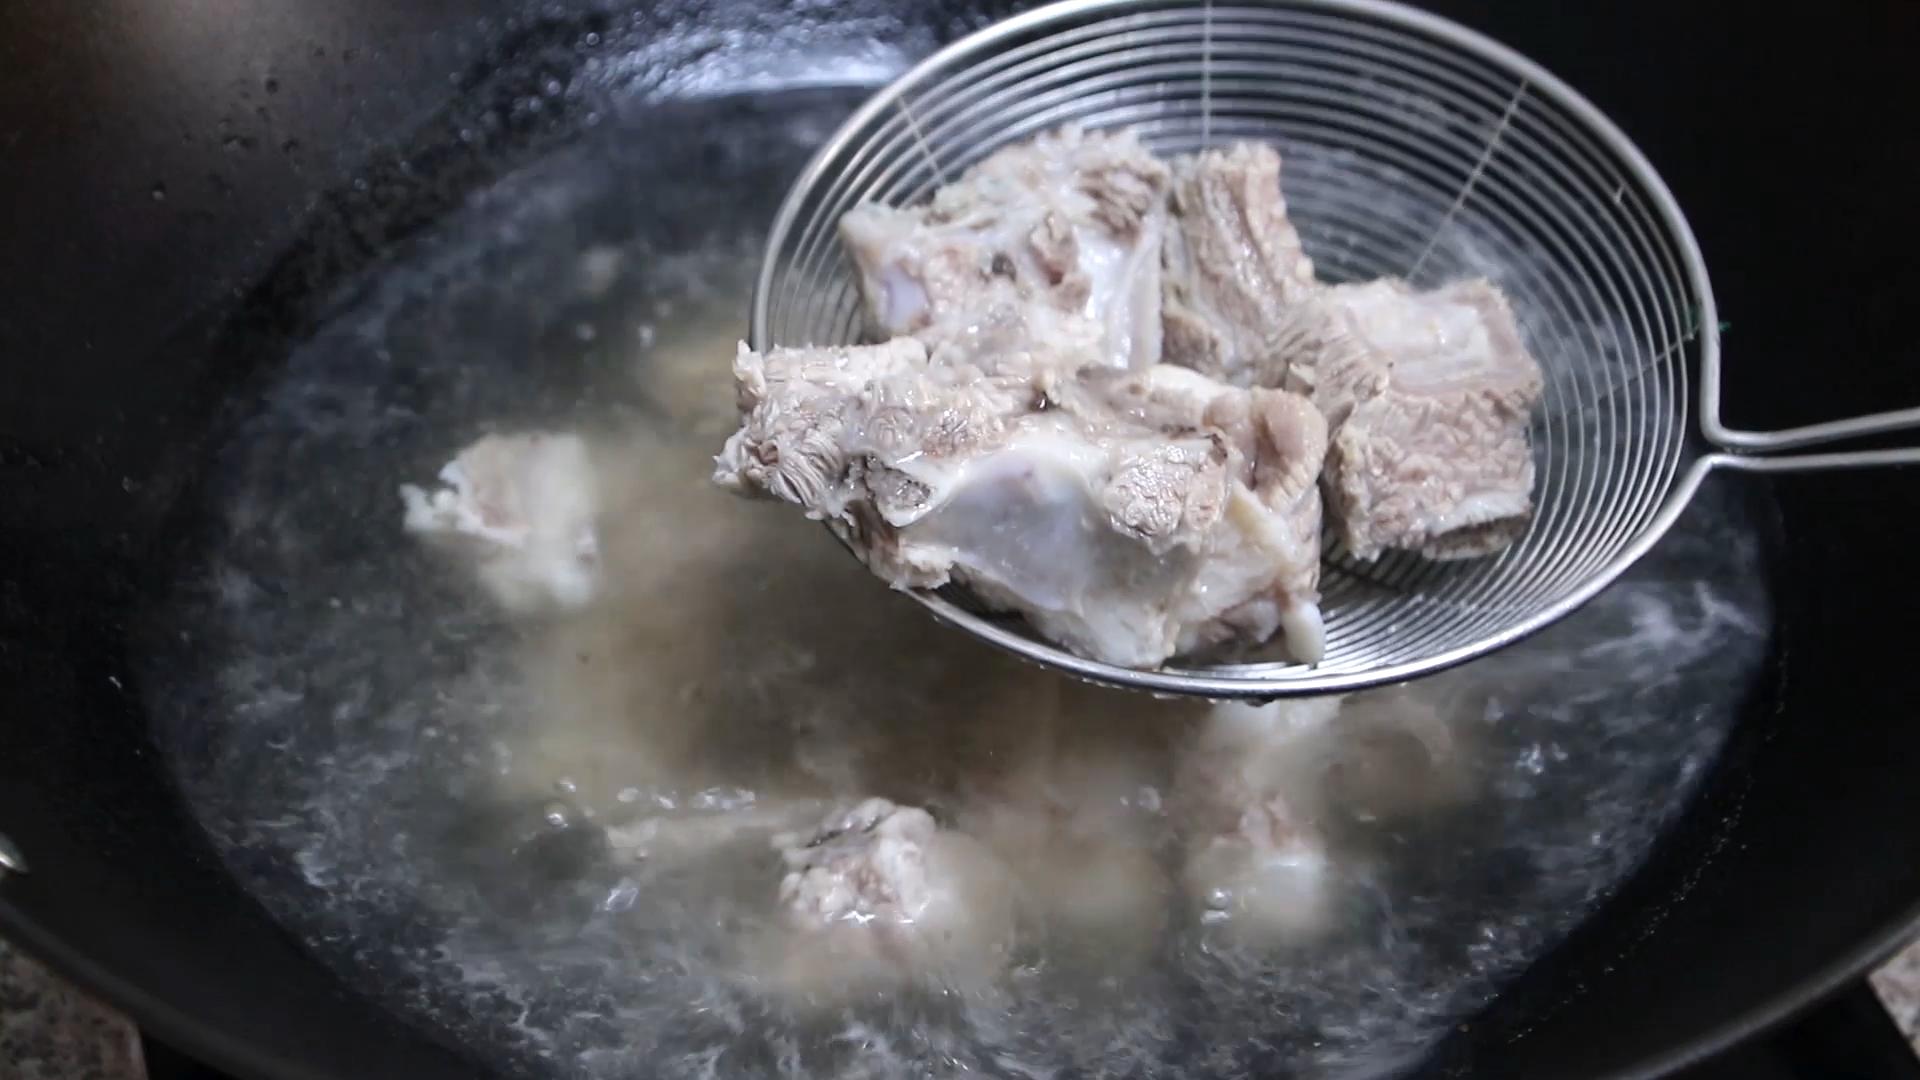 紅燒排骨怎麼做才好吃? 大廚教你正確做法,排骨軟嫩入味還不干柴